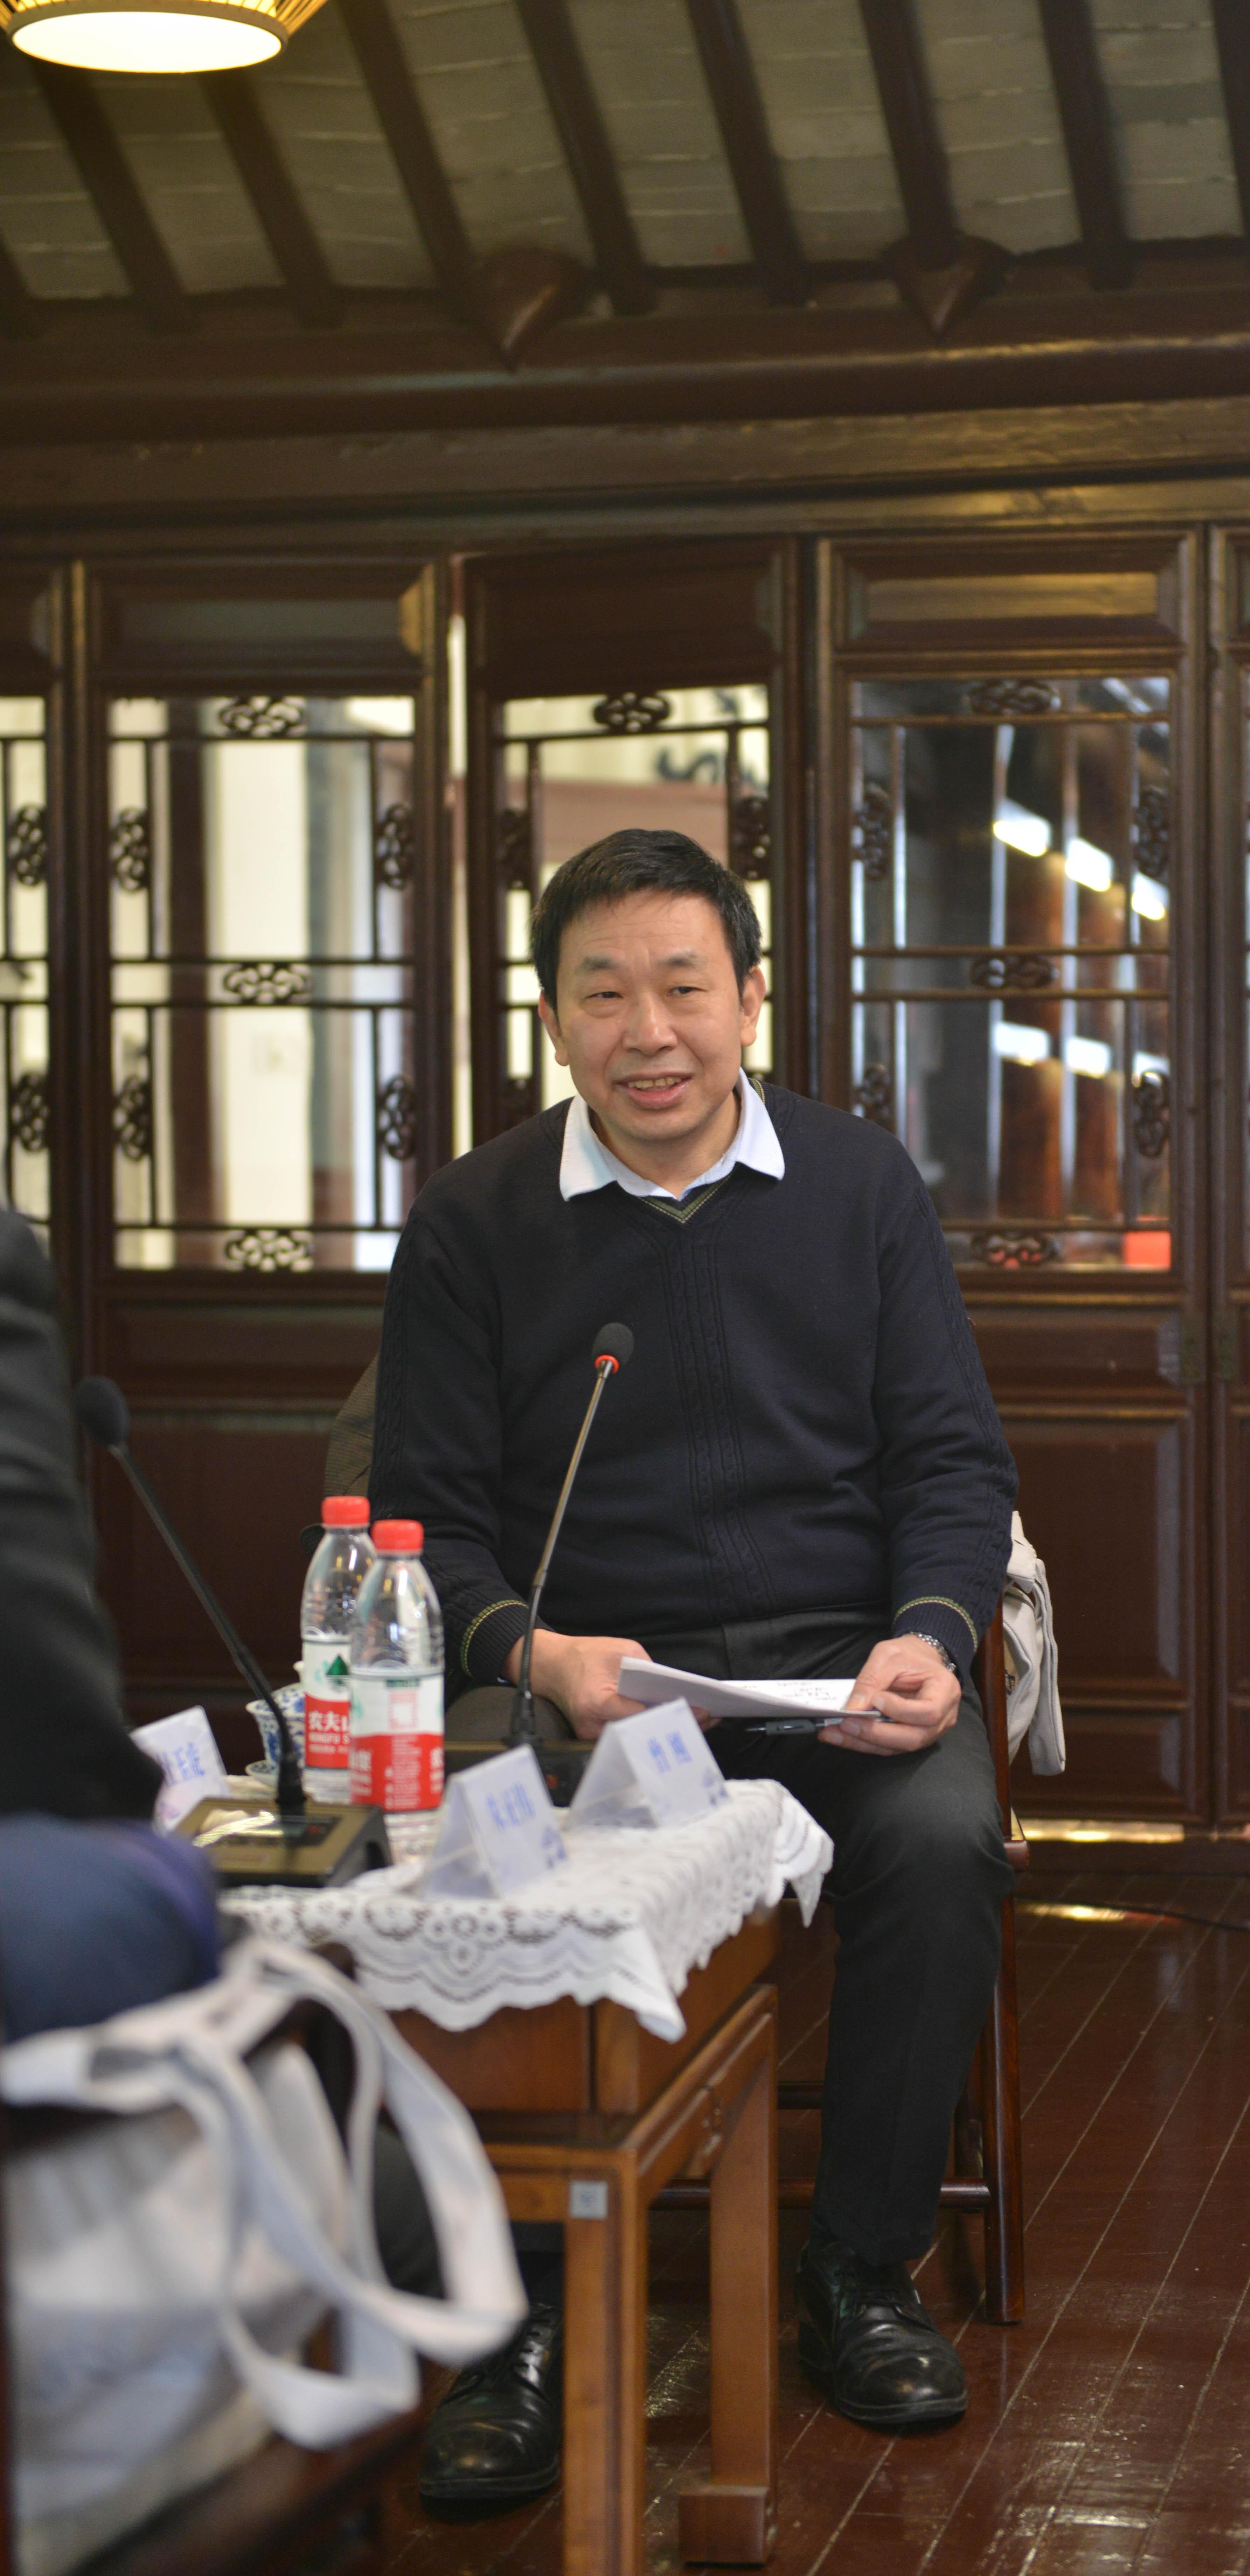 教育部重点研究基地·中国现代城市研究中心主任、华东师大城市发展研究院院长曾刚教授